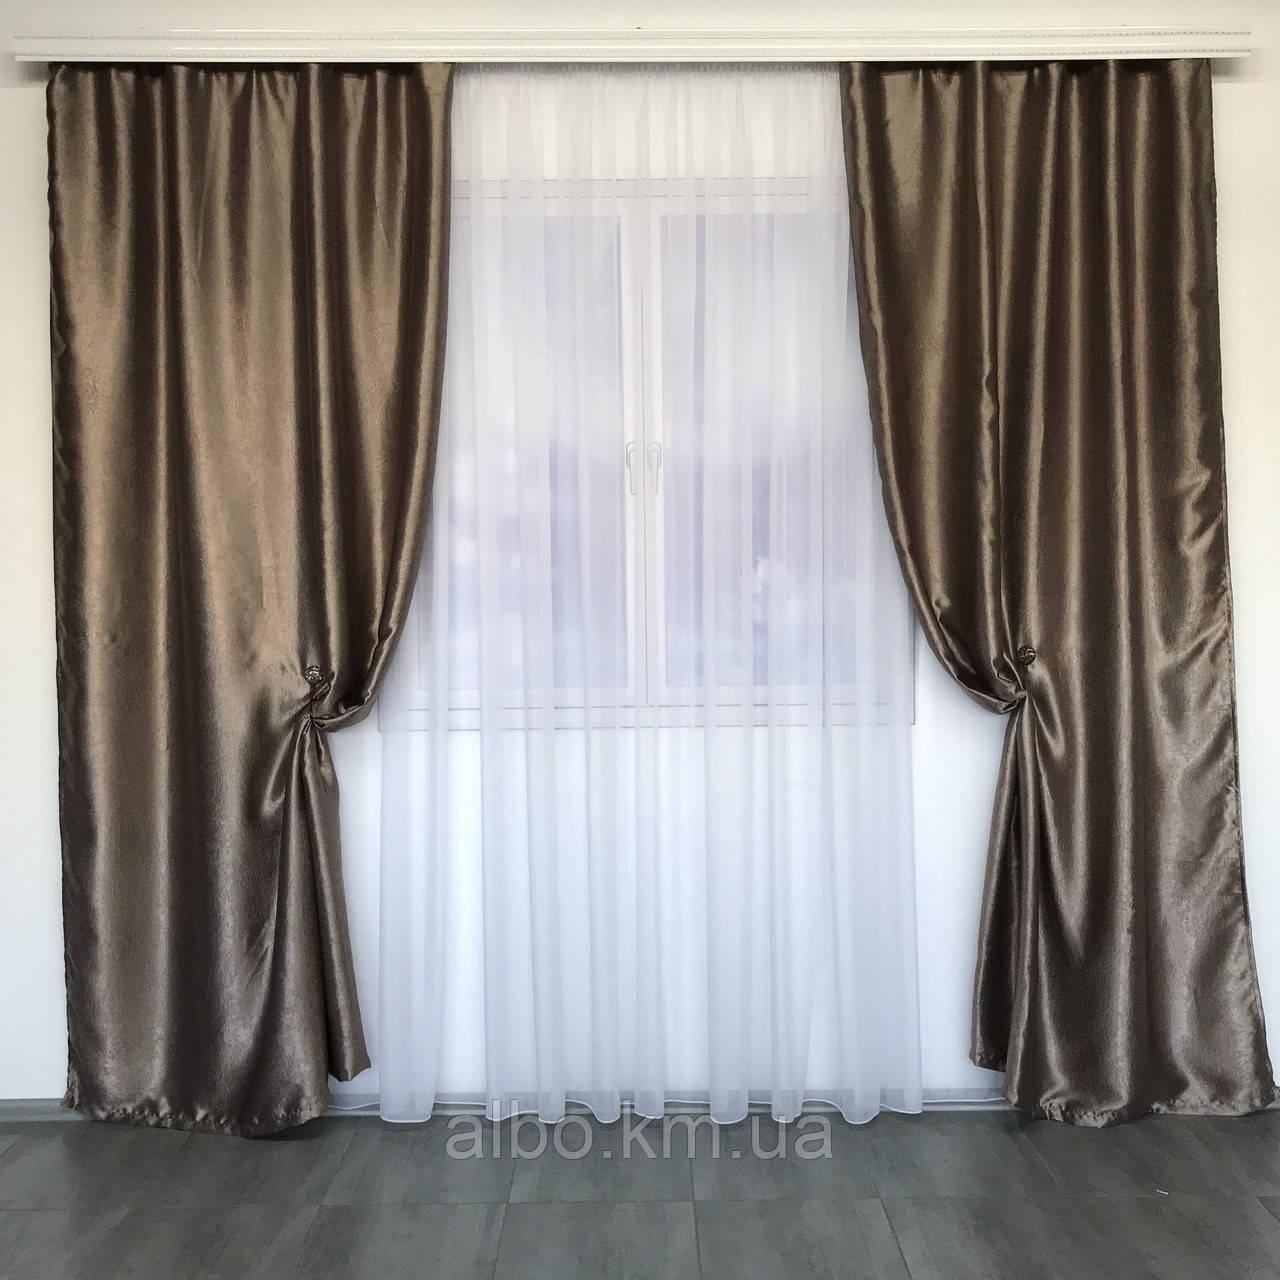 Шторы двойные в спальню зал кухню комнату квартиру, шторы двухсторонние Блэкаут софт для зала спальни комнаты